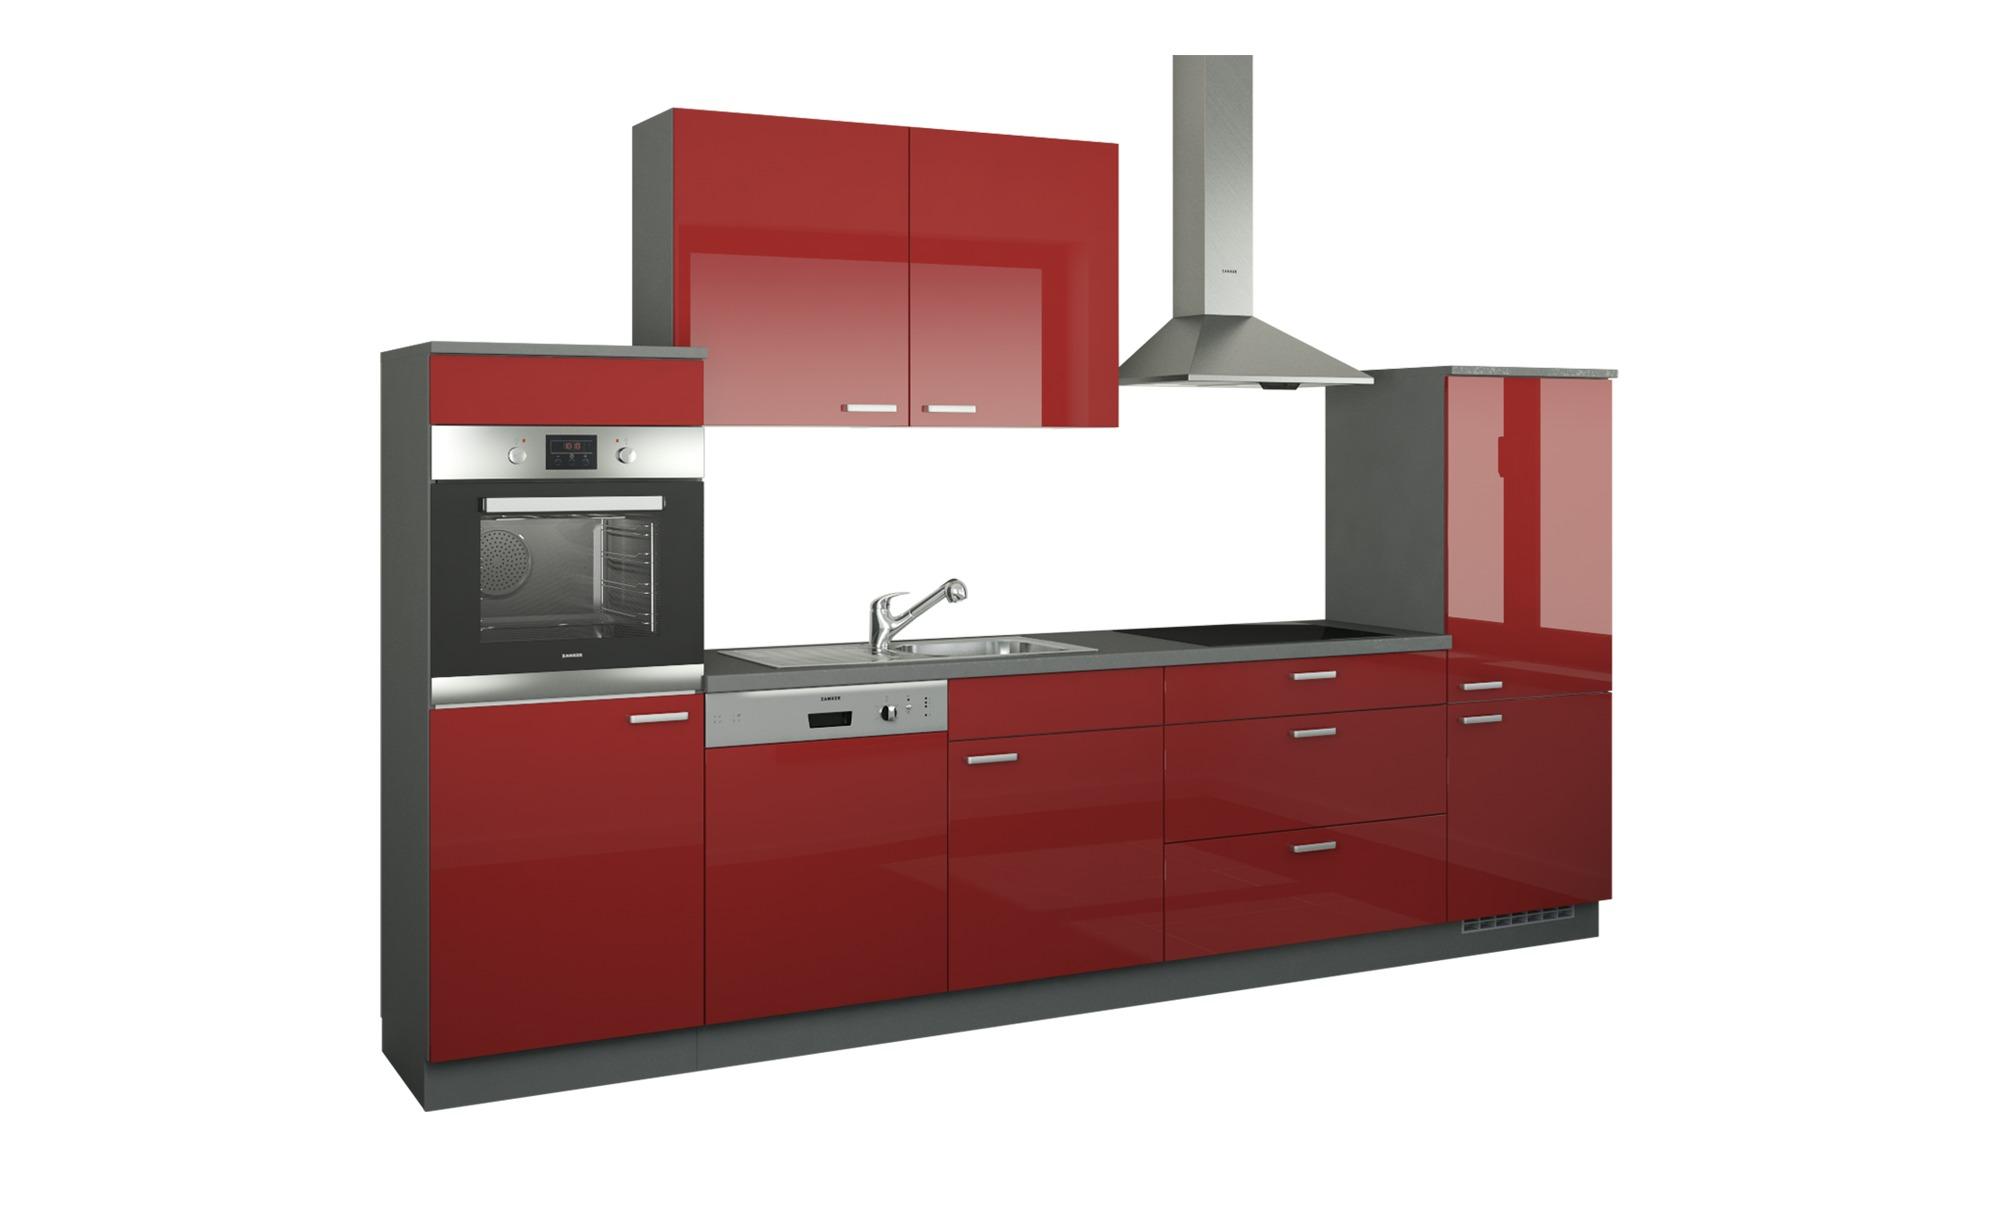 Küchenzeile ohne Elektrogeräte  Neuss ¦ rot ¦ Maße (cm): B: 330 Küchen > Küchenblöcke ohne E-Geräte - Höffner